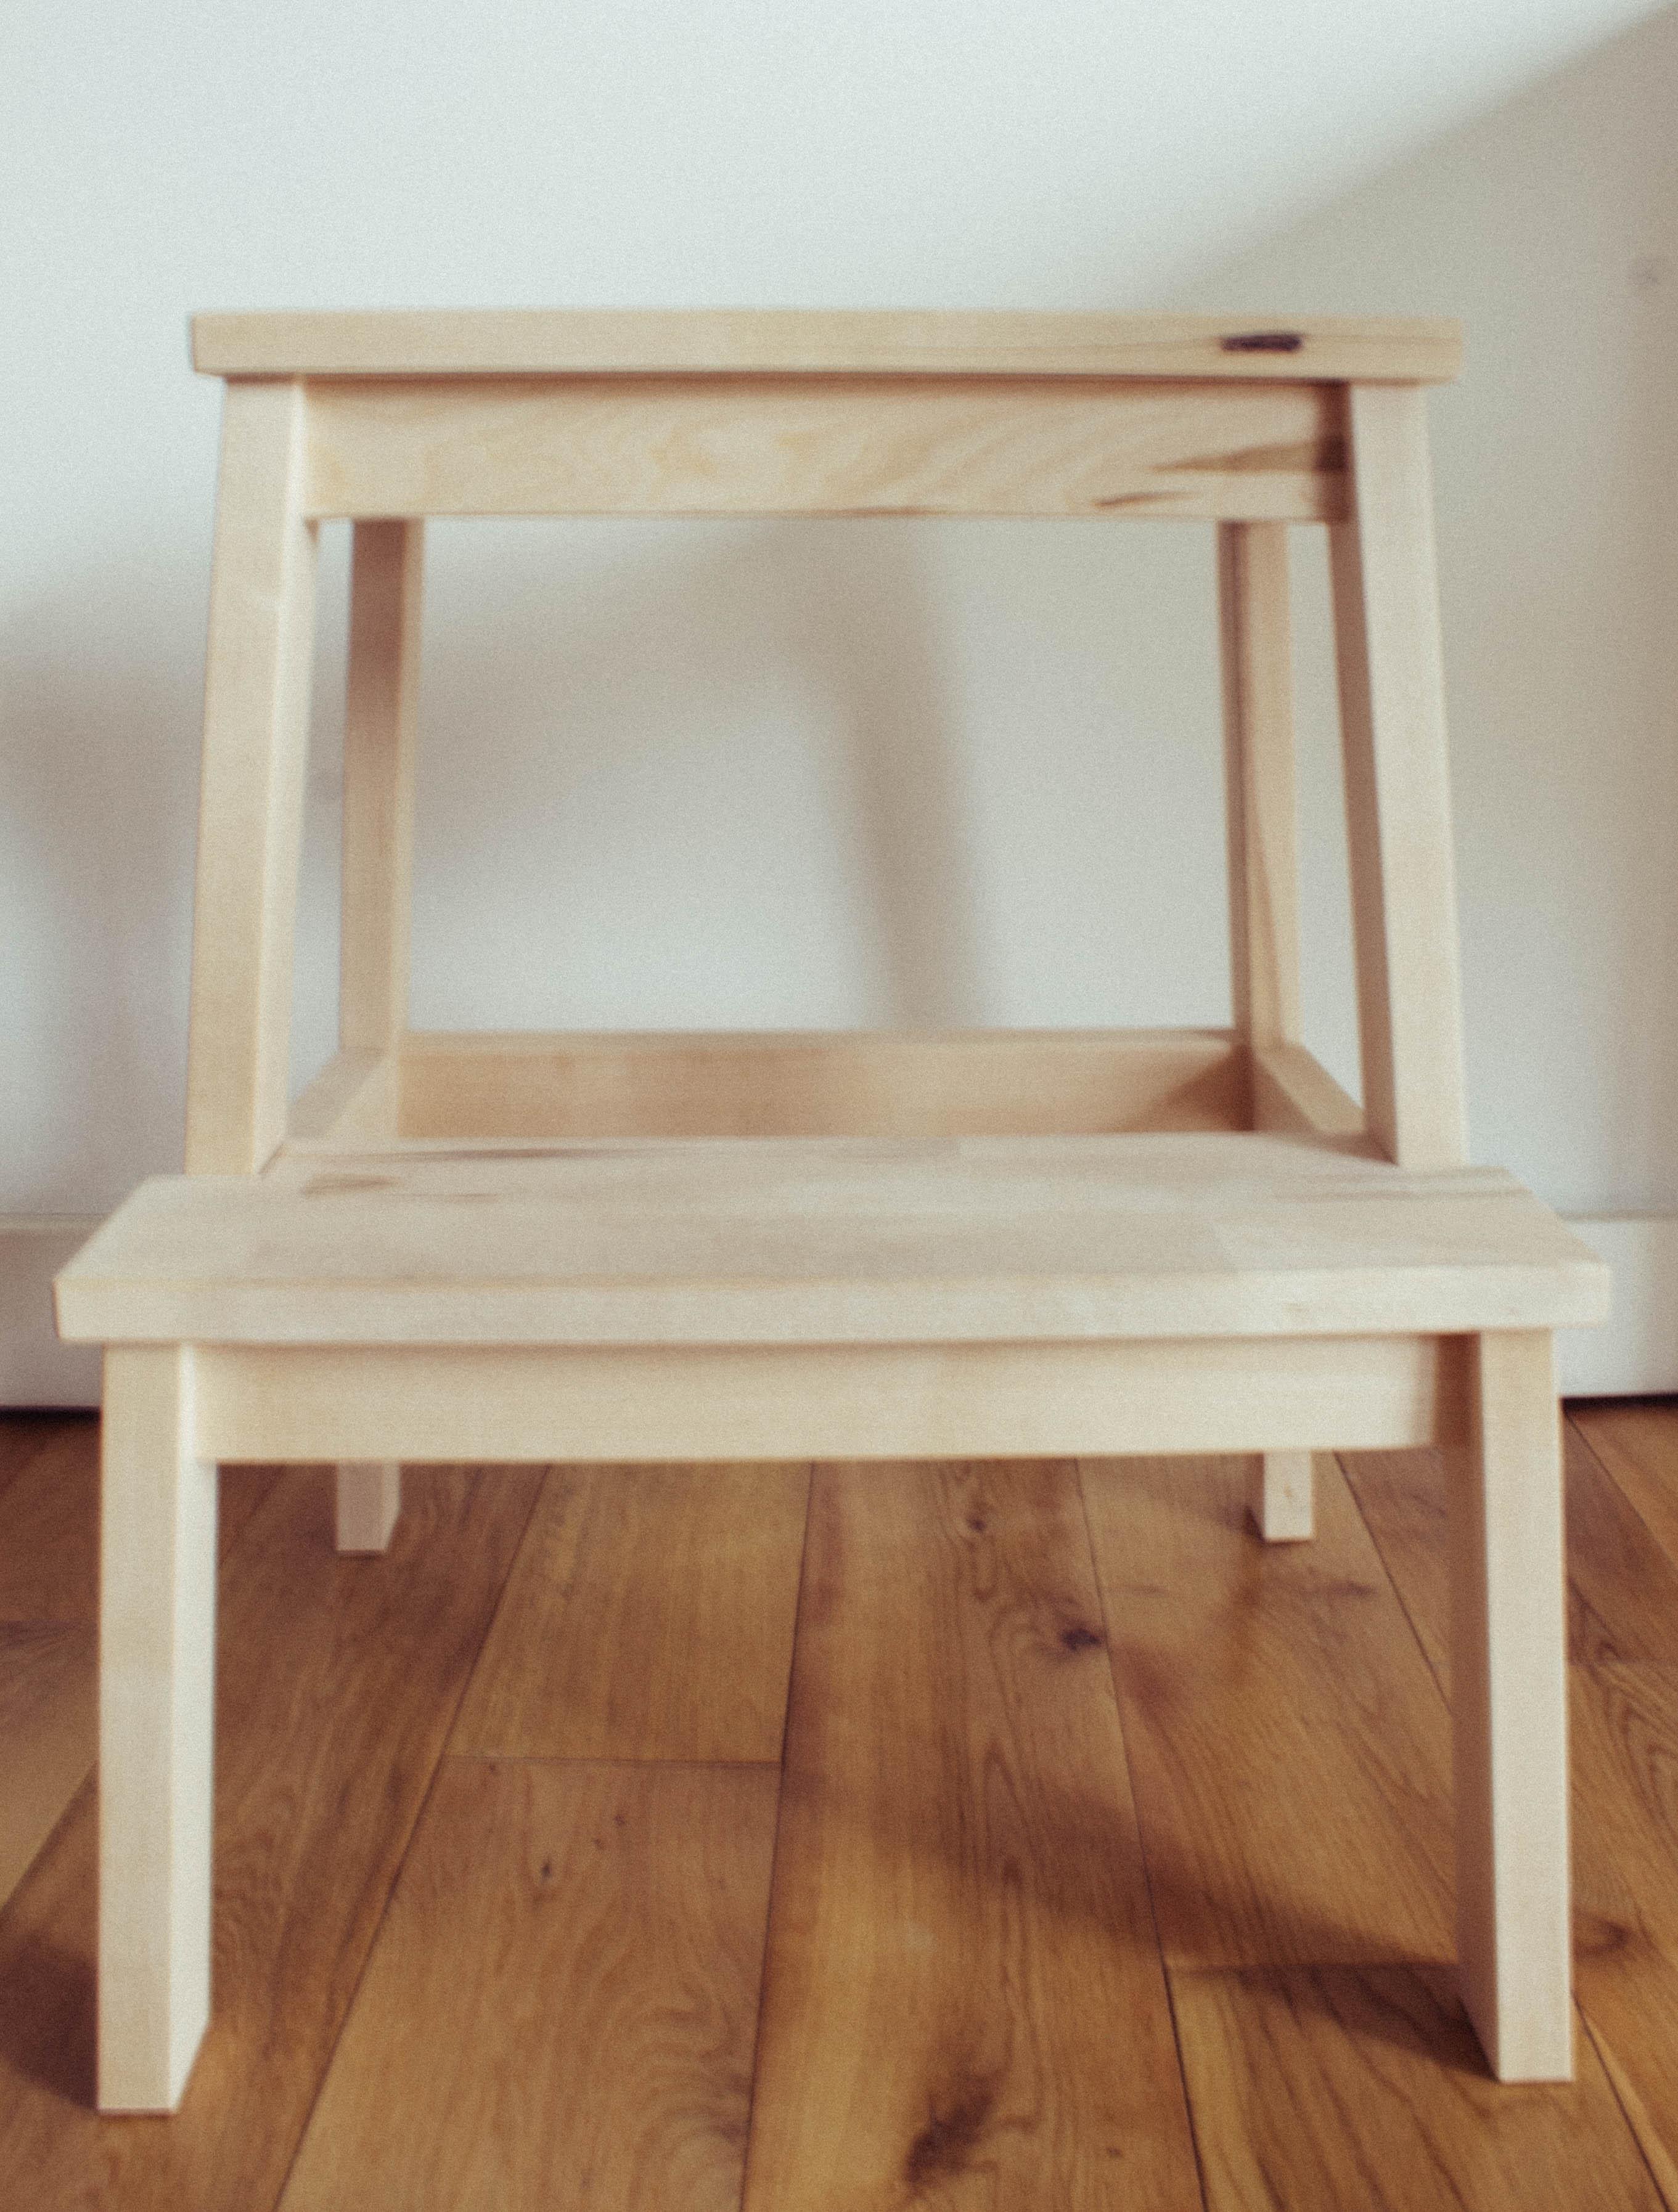 Ikea Bekvam stool makeover hack | seefoodplay.com